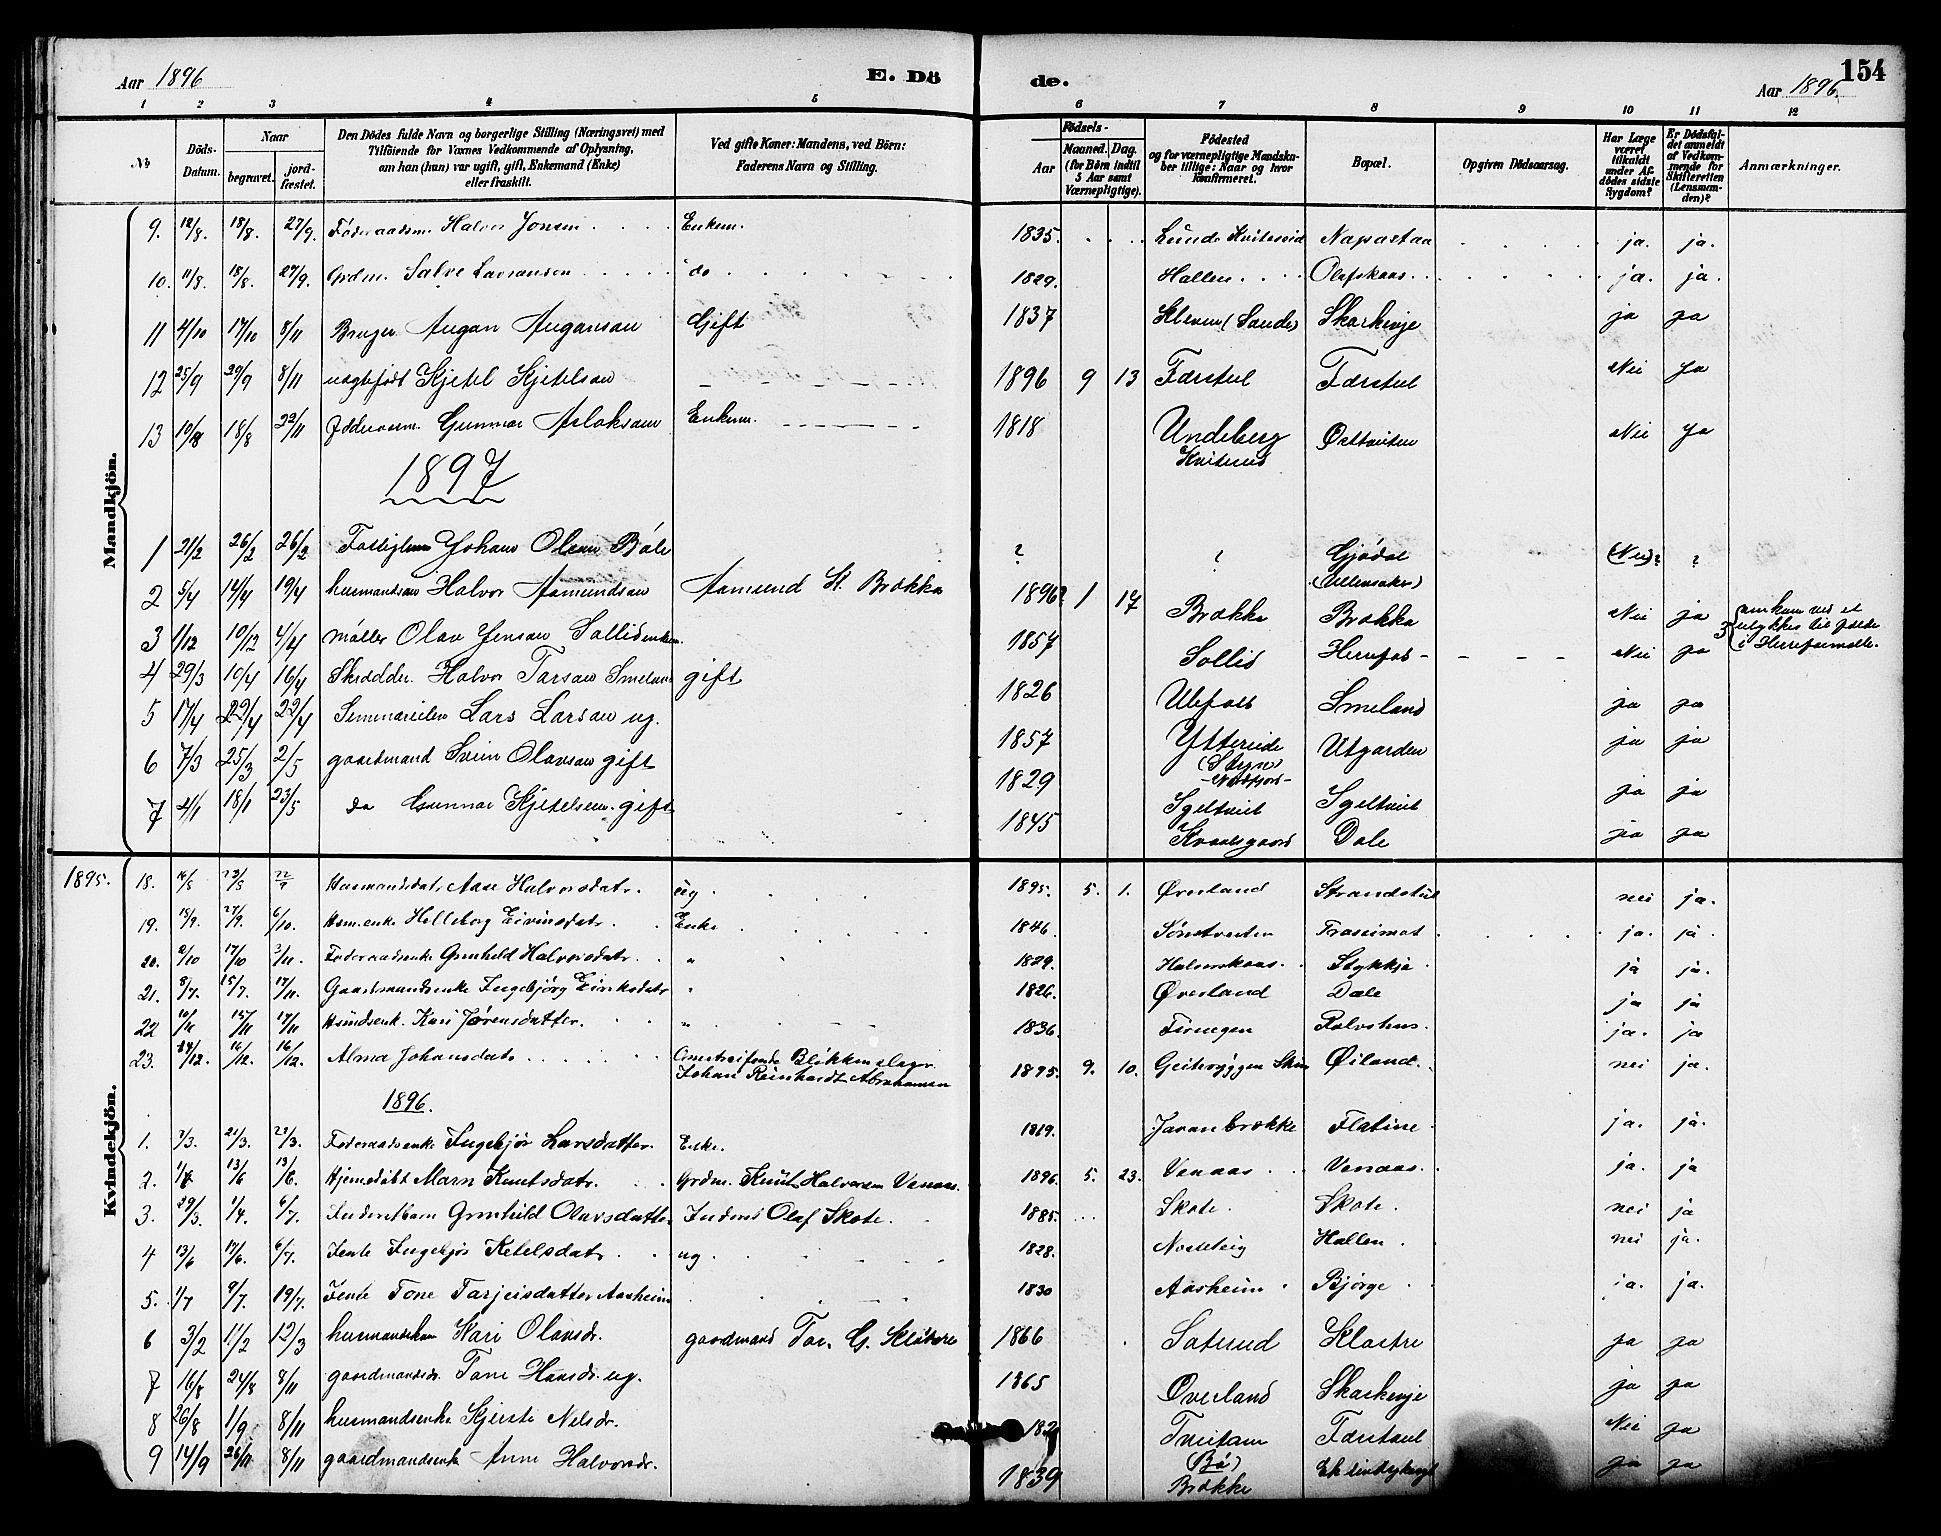 SAKO, Seljord kirkebøker, G/Ga/L0005: Klokkerbok nr. I 5, 1887-1914, s. 154